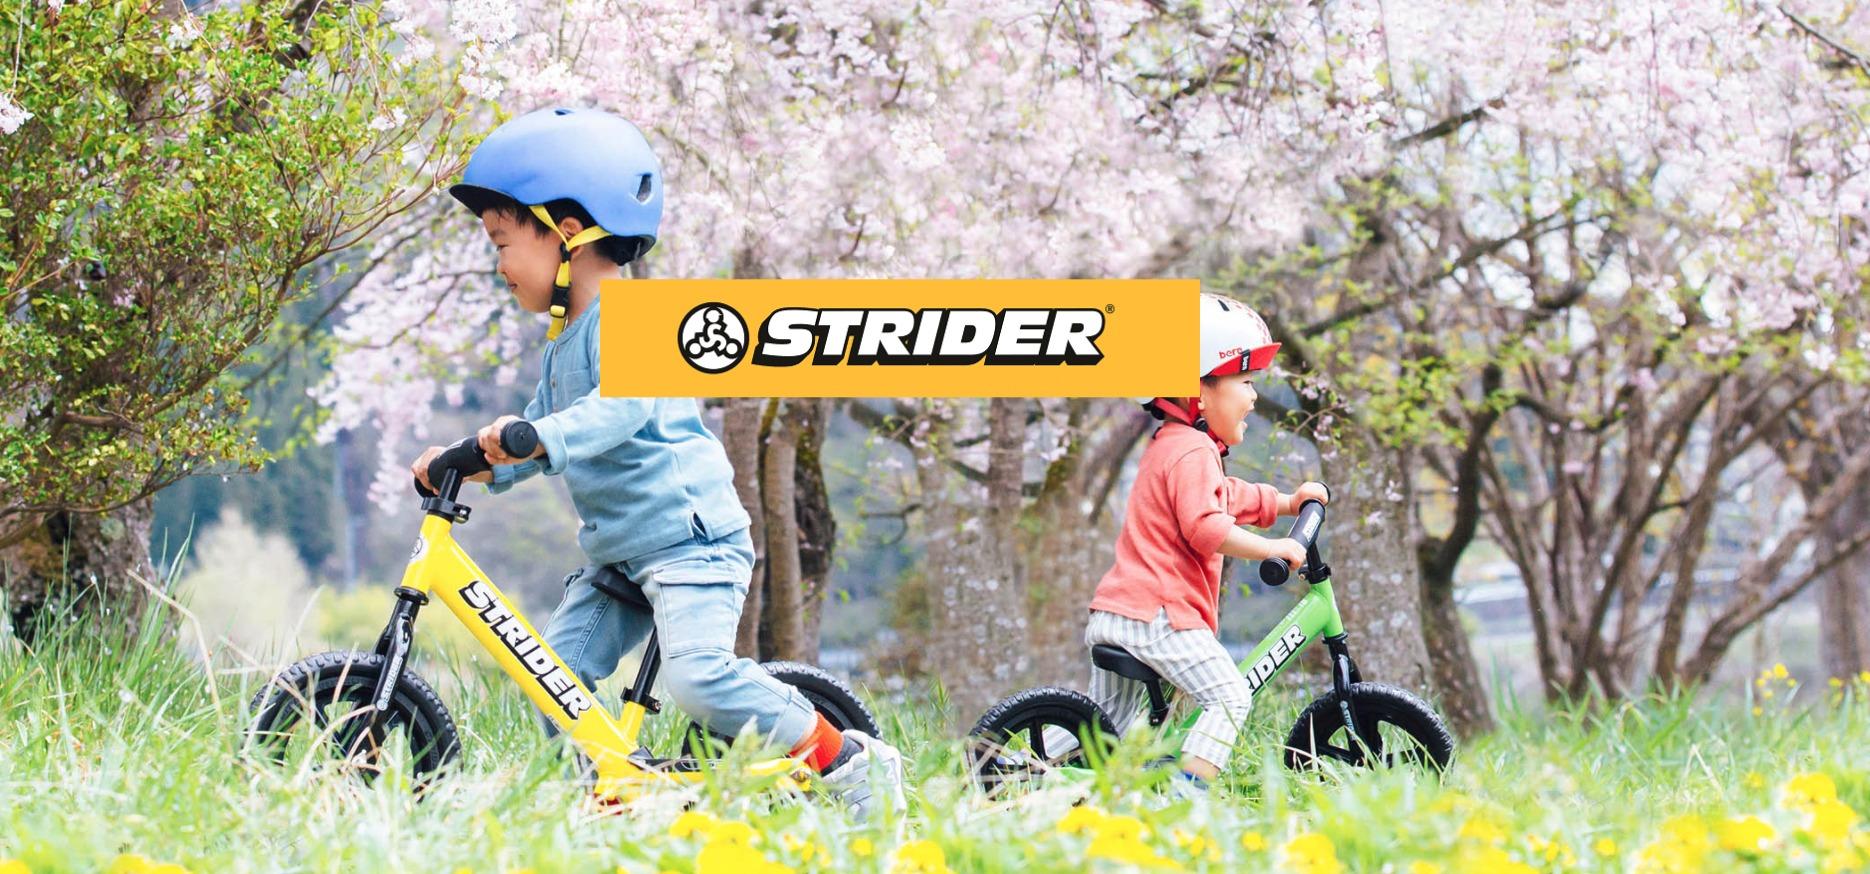 ストライダーに乗る子どもたち